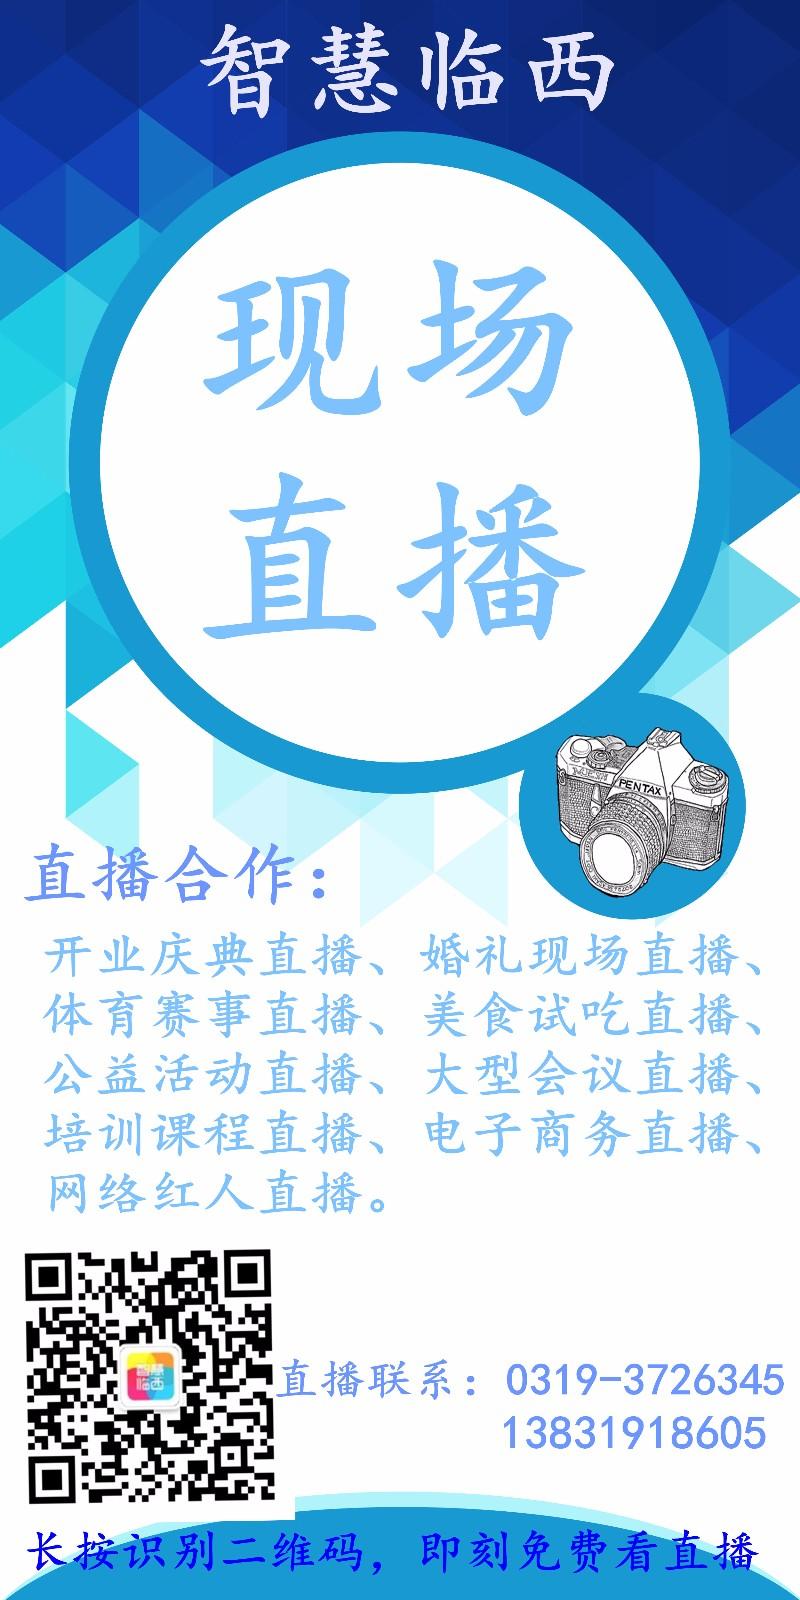 33_副本_副本.jpg